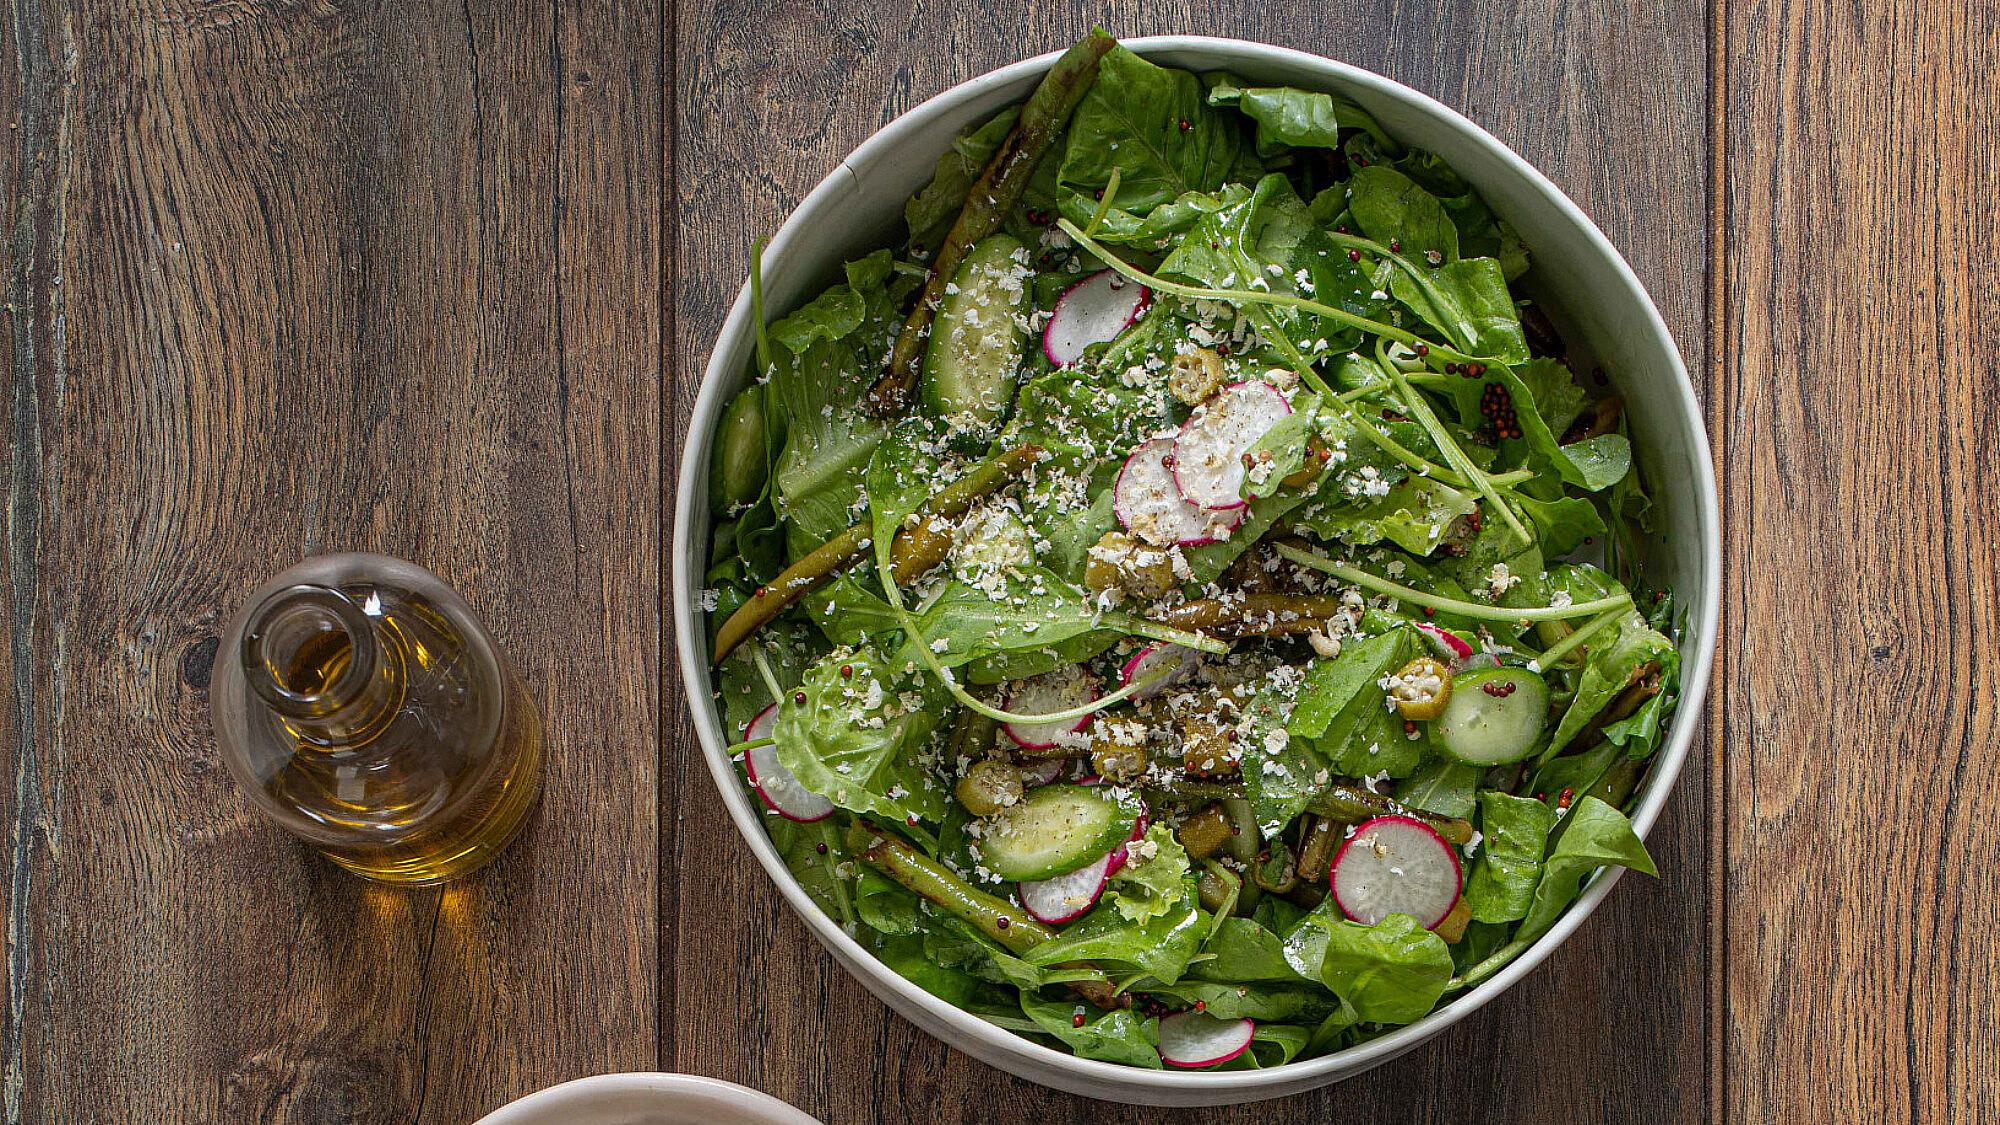 סלט ירוק עם ויניגרט זרעי חרדל של אורי מאיר צ'יזיק | צילום: חיים יוסף